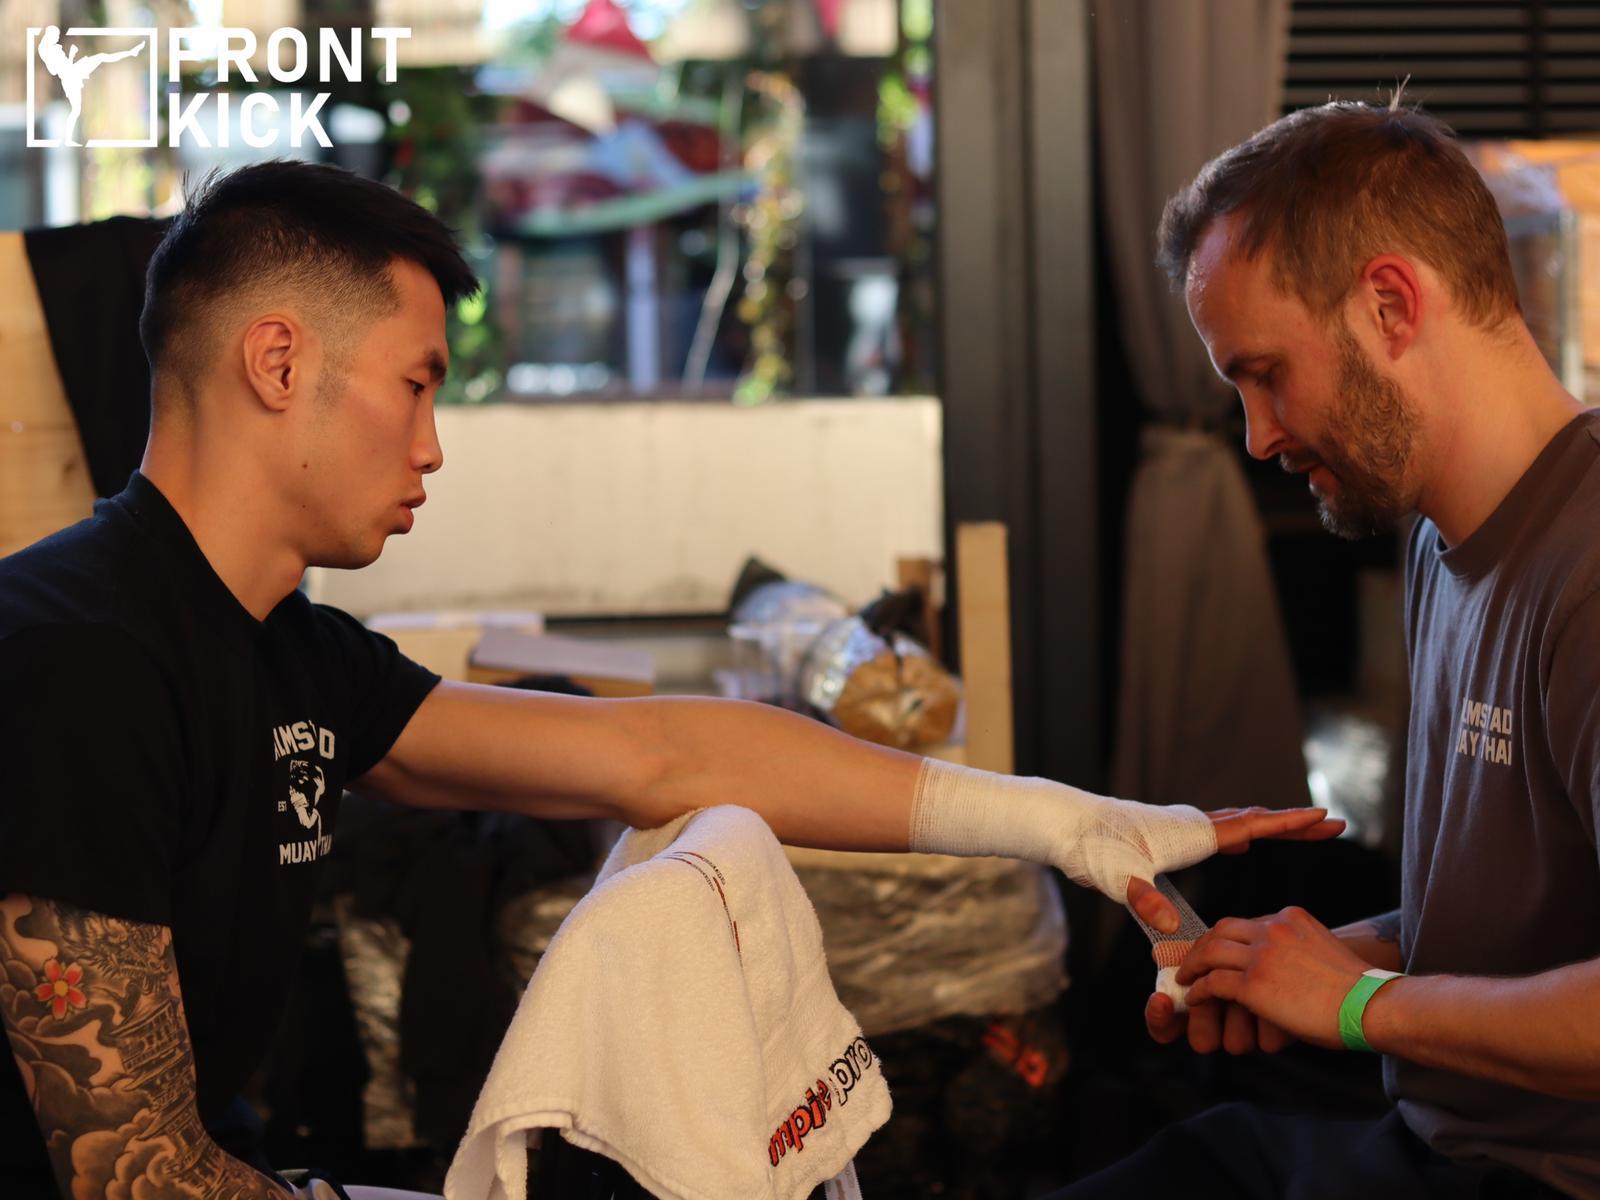 Kenny Hong SM 2021 Lingnpi Promotions Frontkick.online